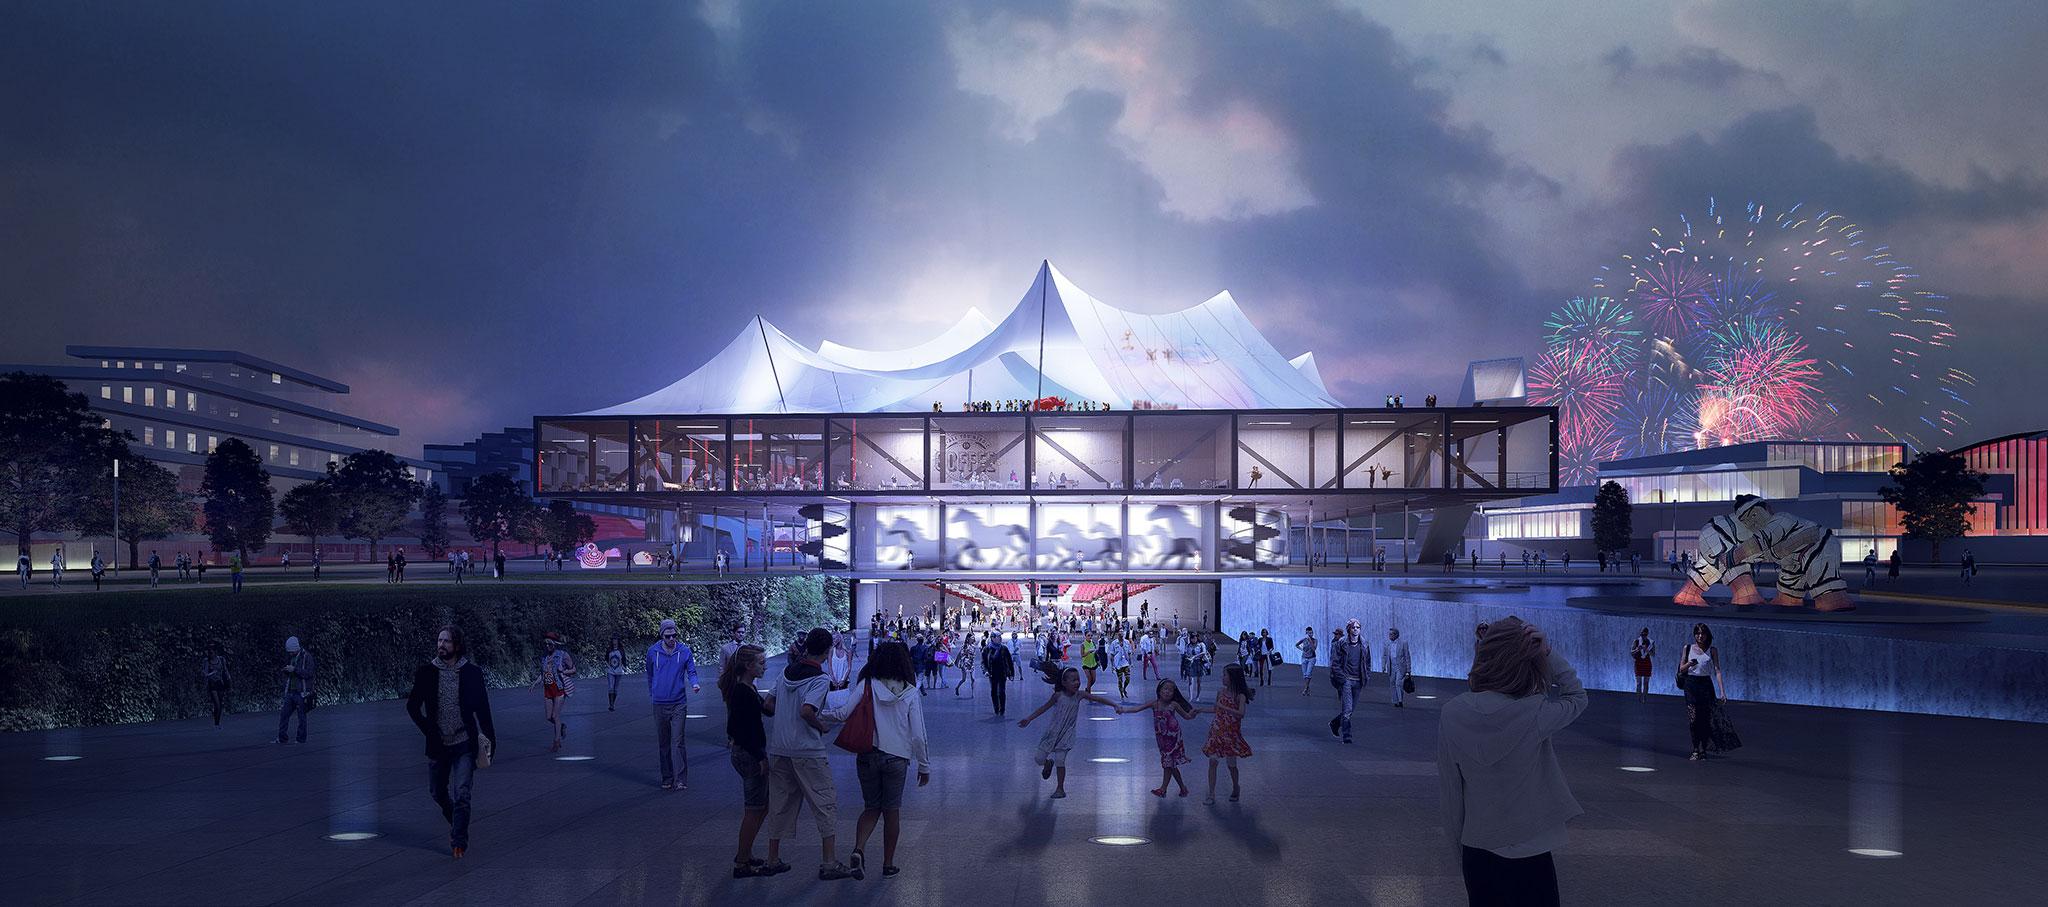 Visualización exterior nocturna. Clément Blanchet Architecture gana el concurso internacional para el diseño del nuevo Circus ³. Cortesía de los arquitectos